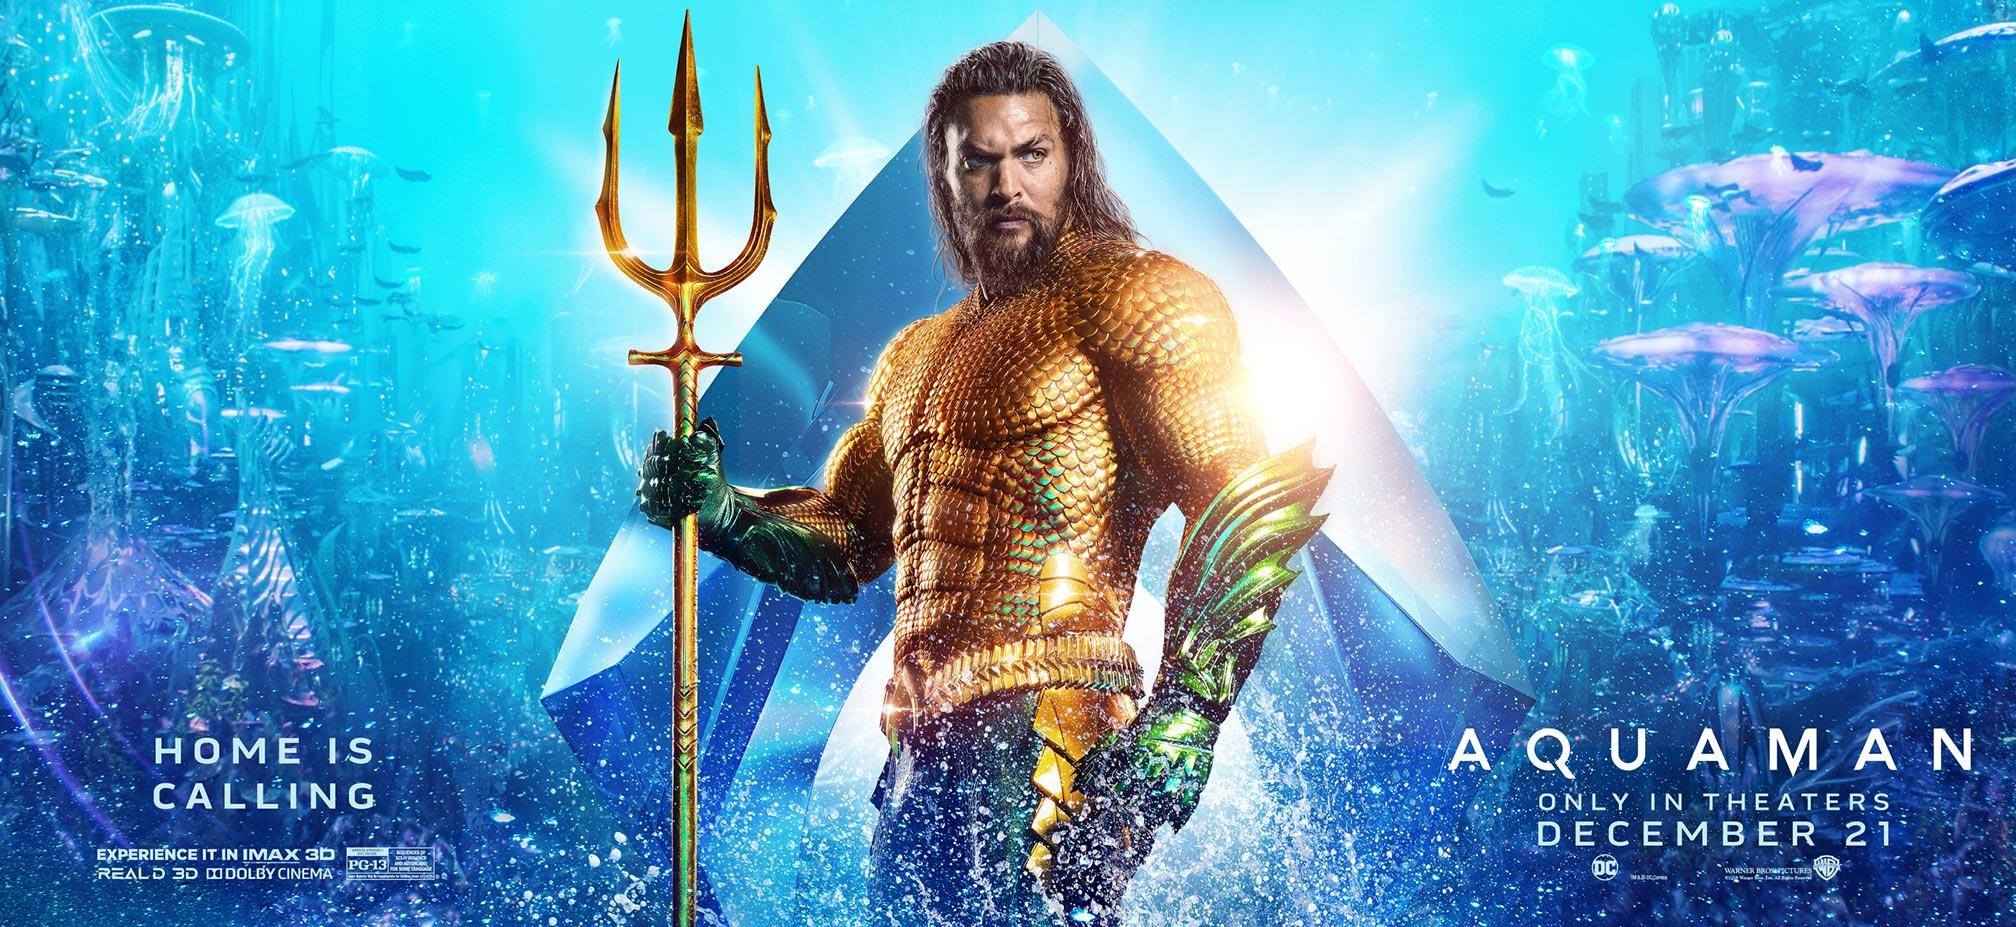 Aquaman Poster #6